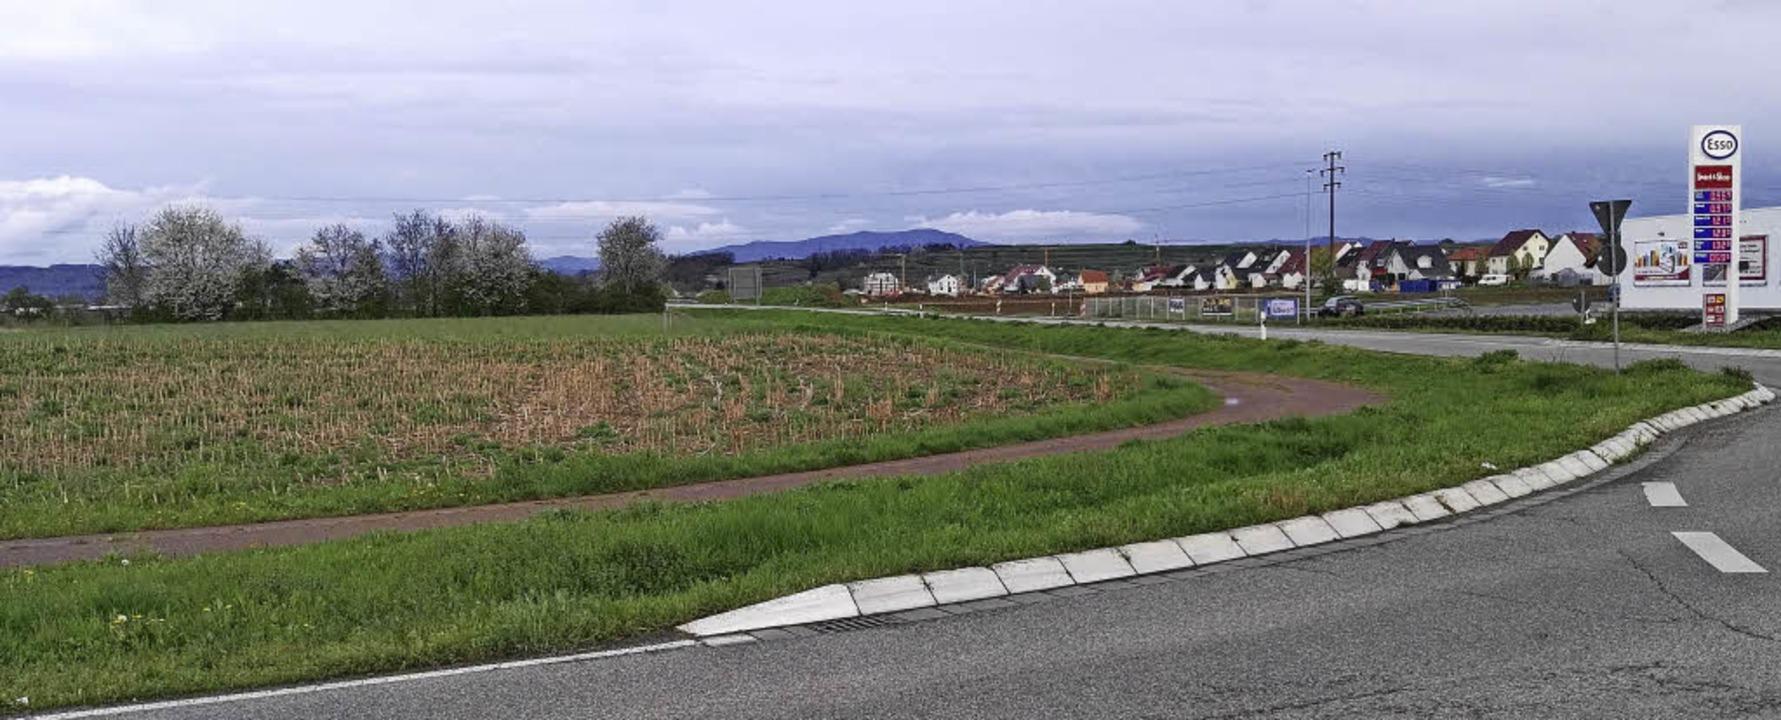 Auf der Nordseite der L 113 beabsichti...zt, steht aber am 20. April erneut an.  | Foto: Martin Wendel